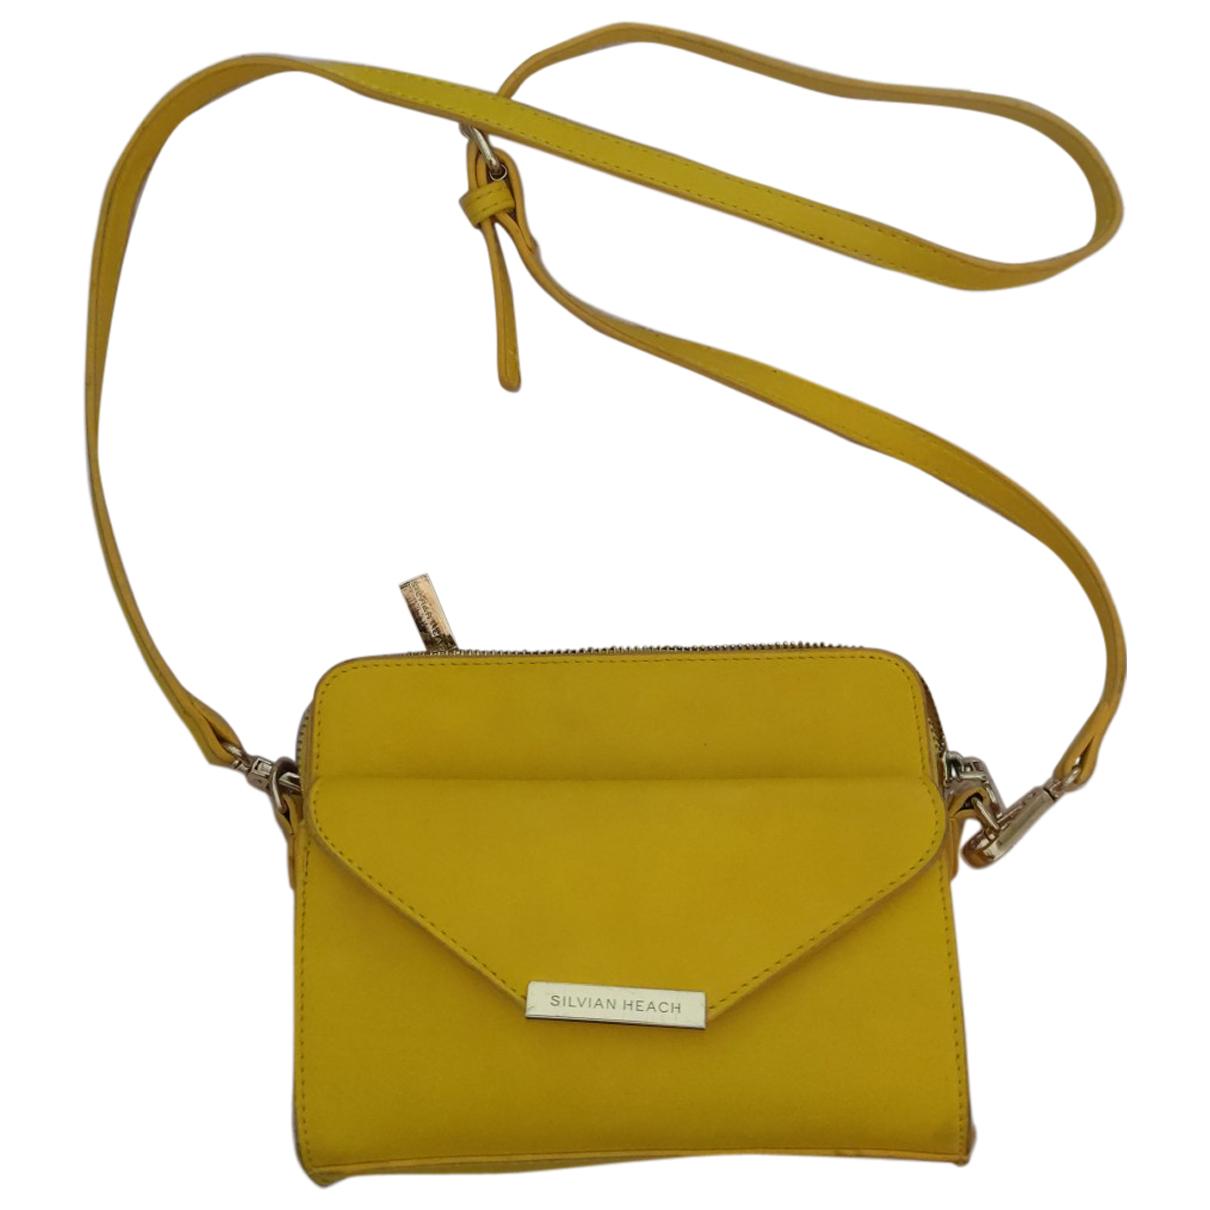 Silvian Heach \N Handtasche in  Gelb Leder